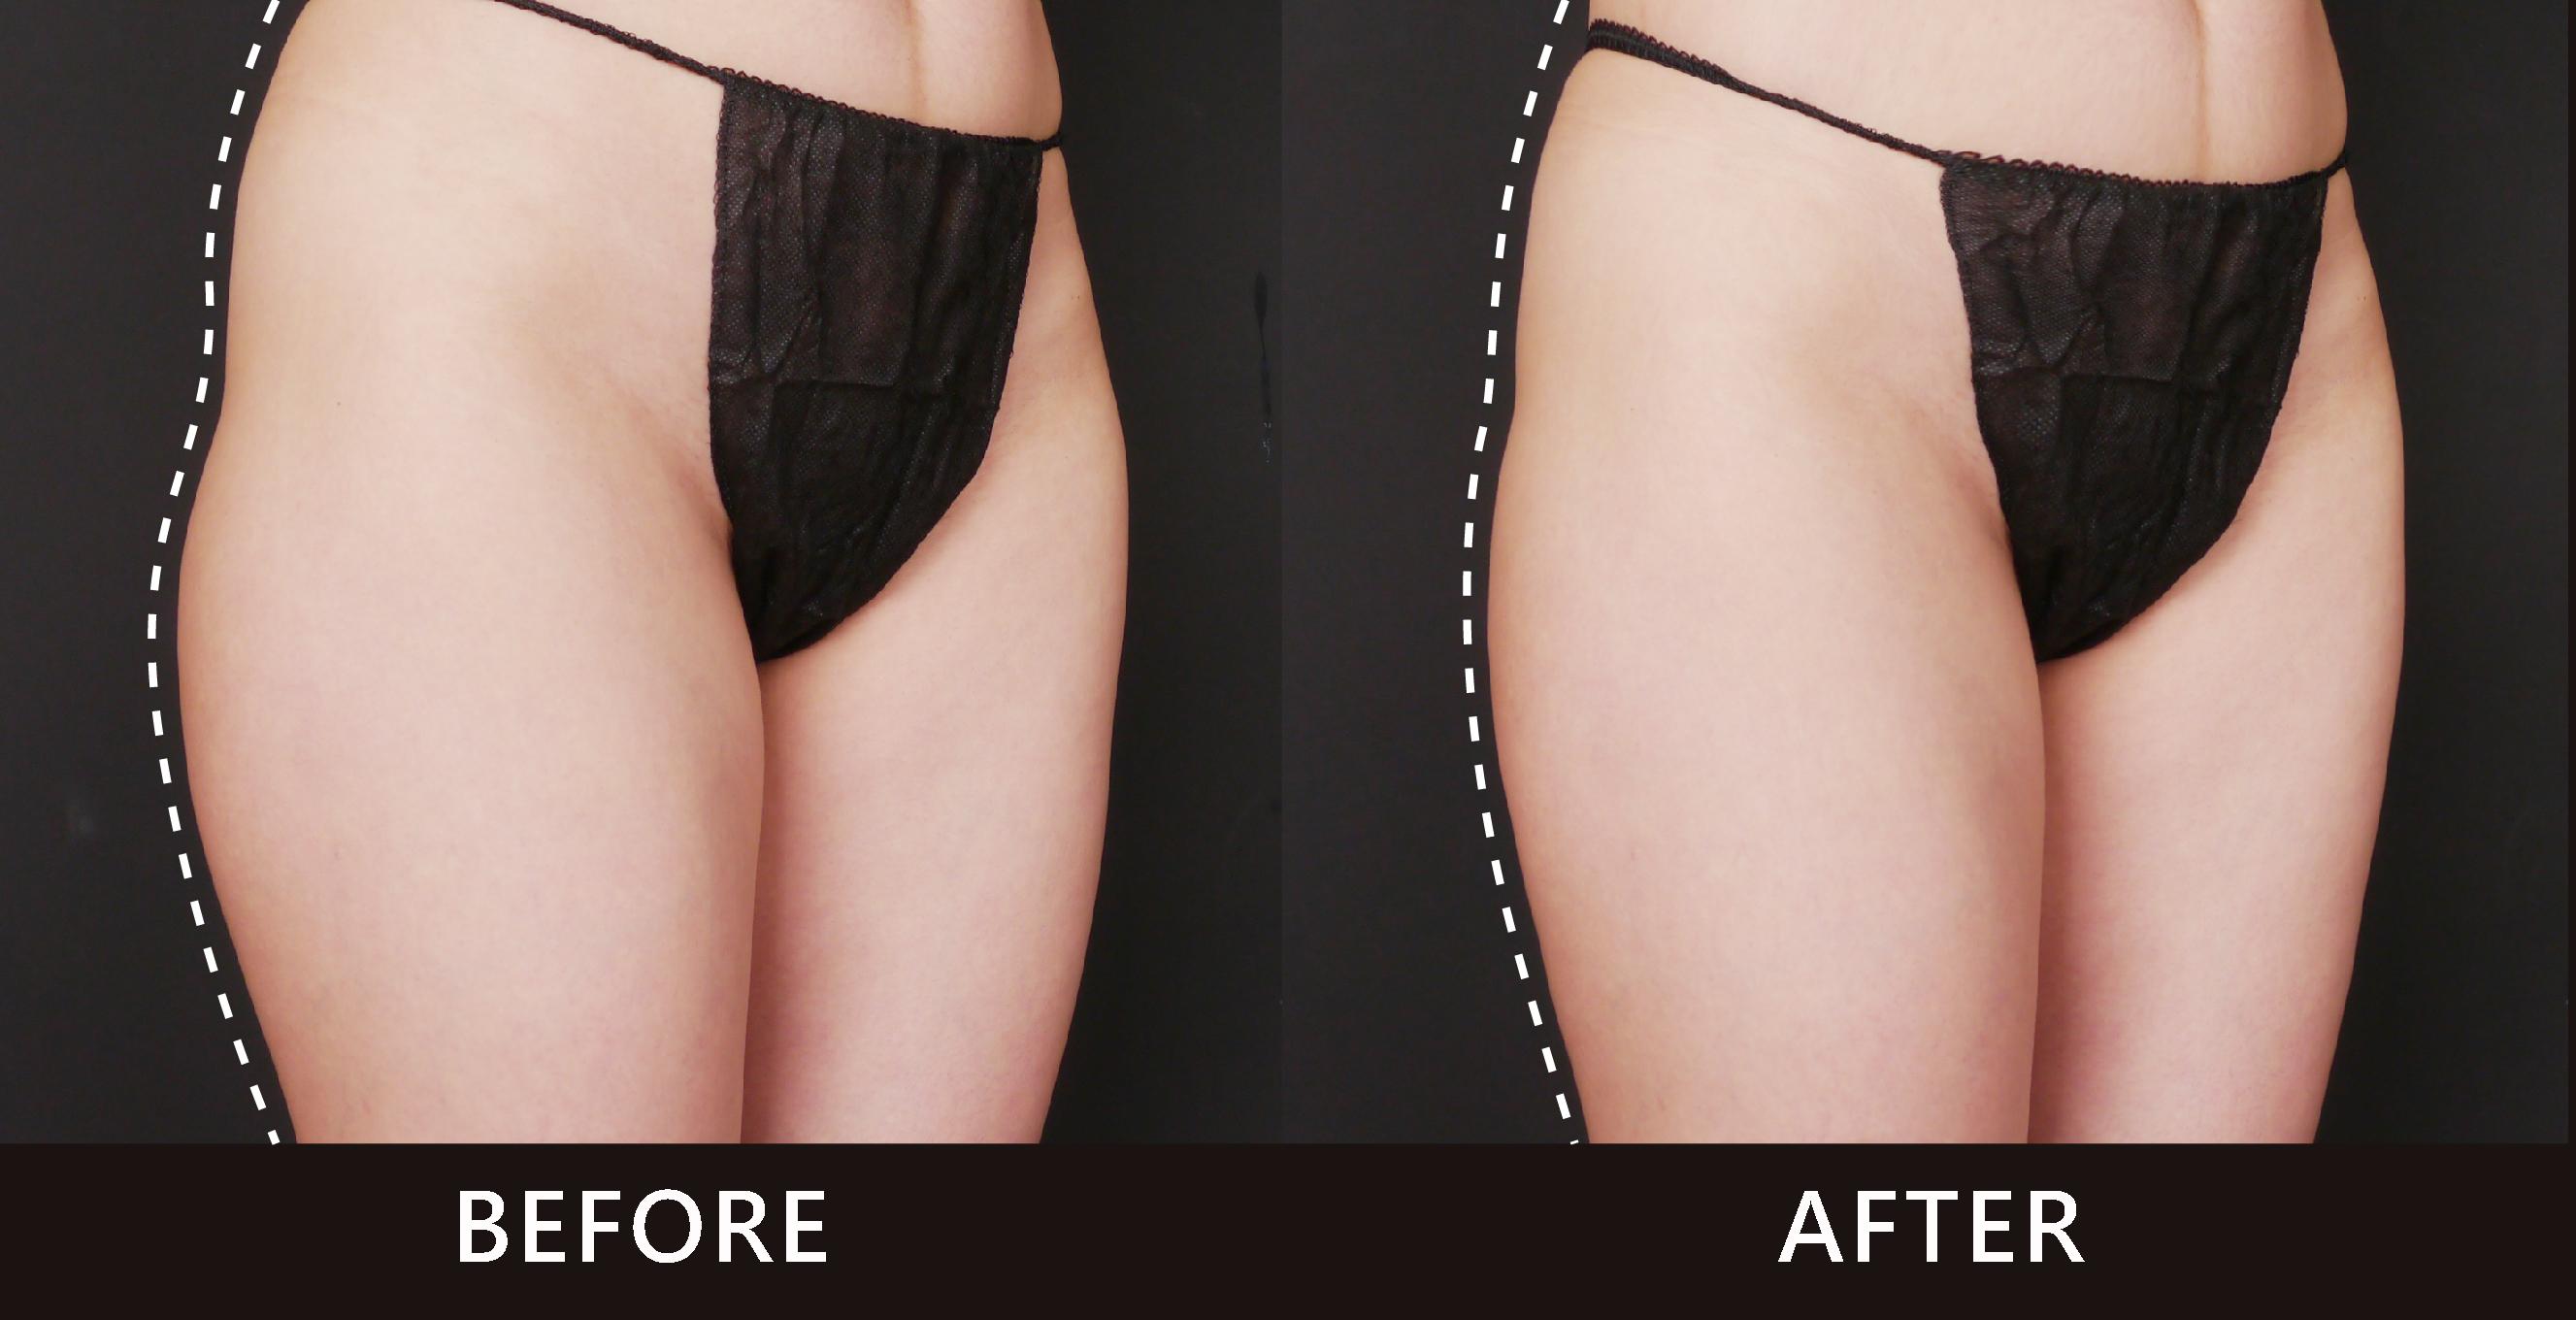 冷凍減脂治療後,大腿外側曲線弧度變順了。(效果因個案而異)